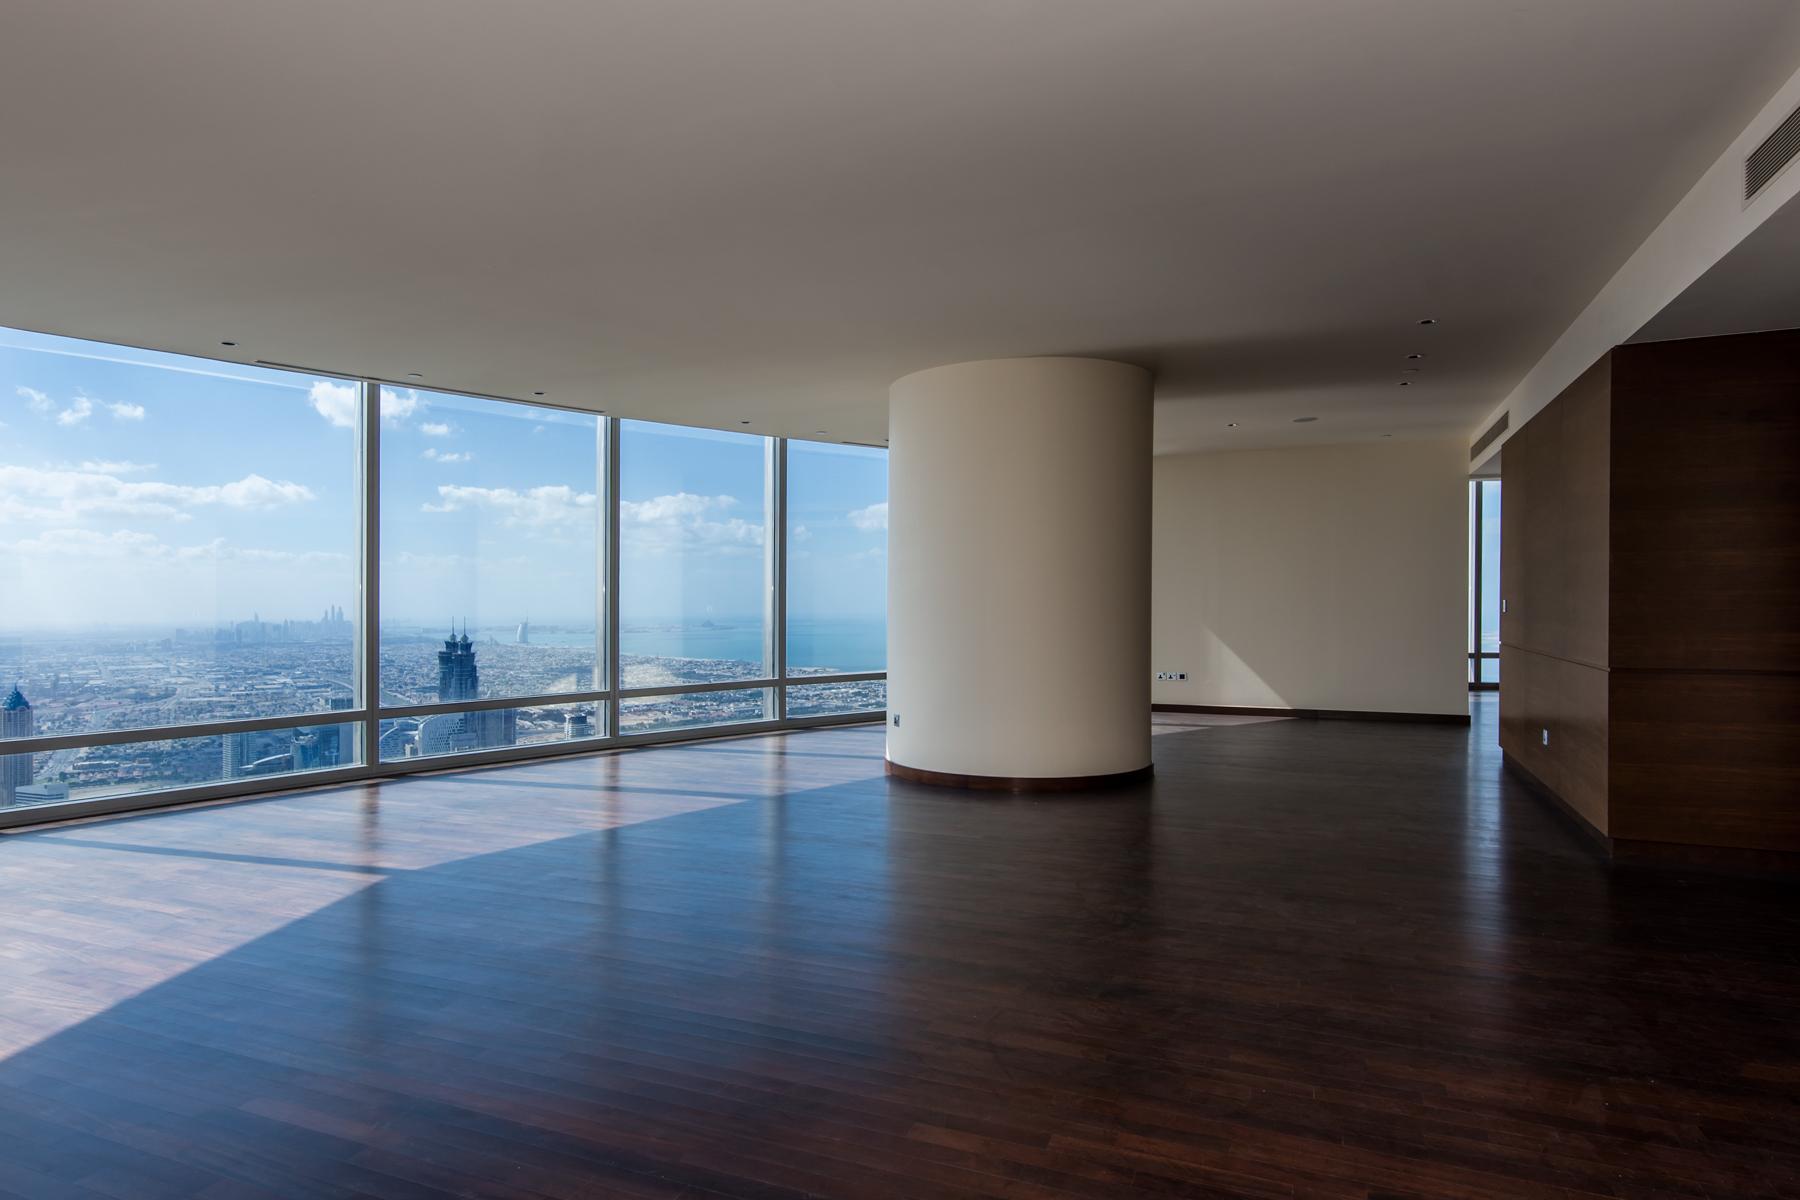 Apartamento para Venda às Burj Khalifa Penthouse Dubai, Emirados Árabes Unidos